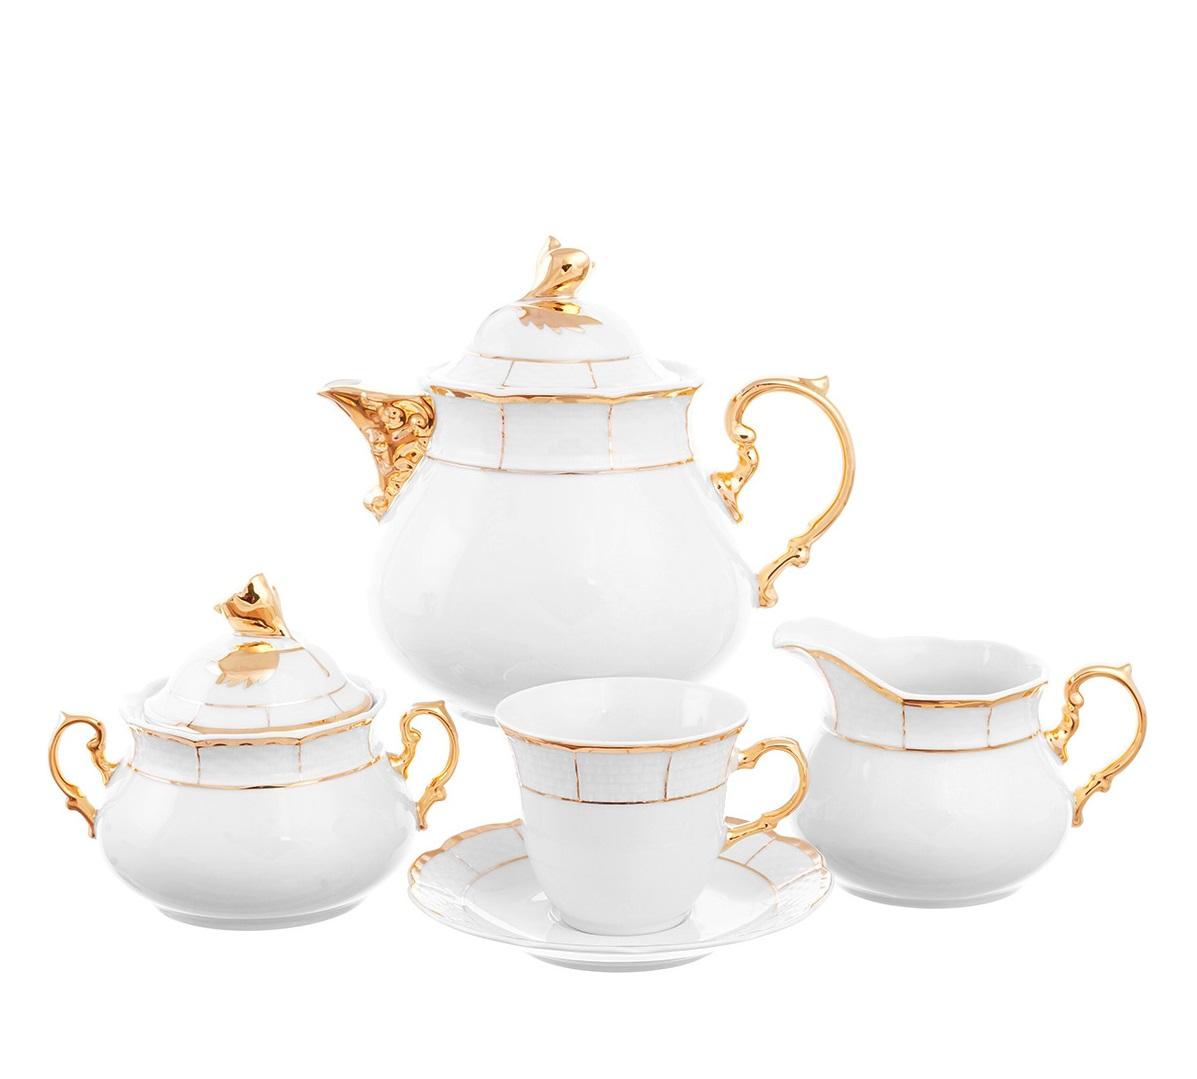 Чайный сервиз МЕНУЭТ, ЗОЛОТОЙ КАНТ от Thun 1794 a.s. на 6 персон, 17 предметов